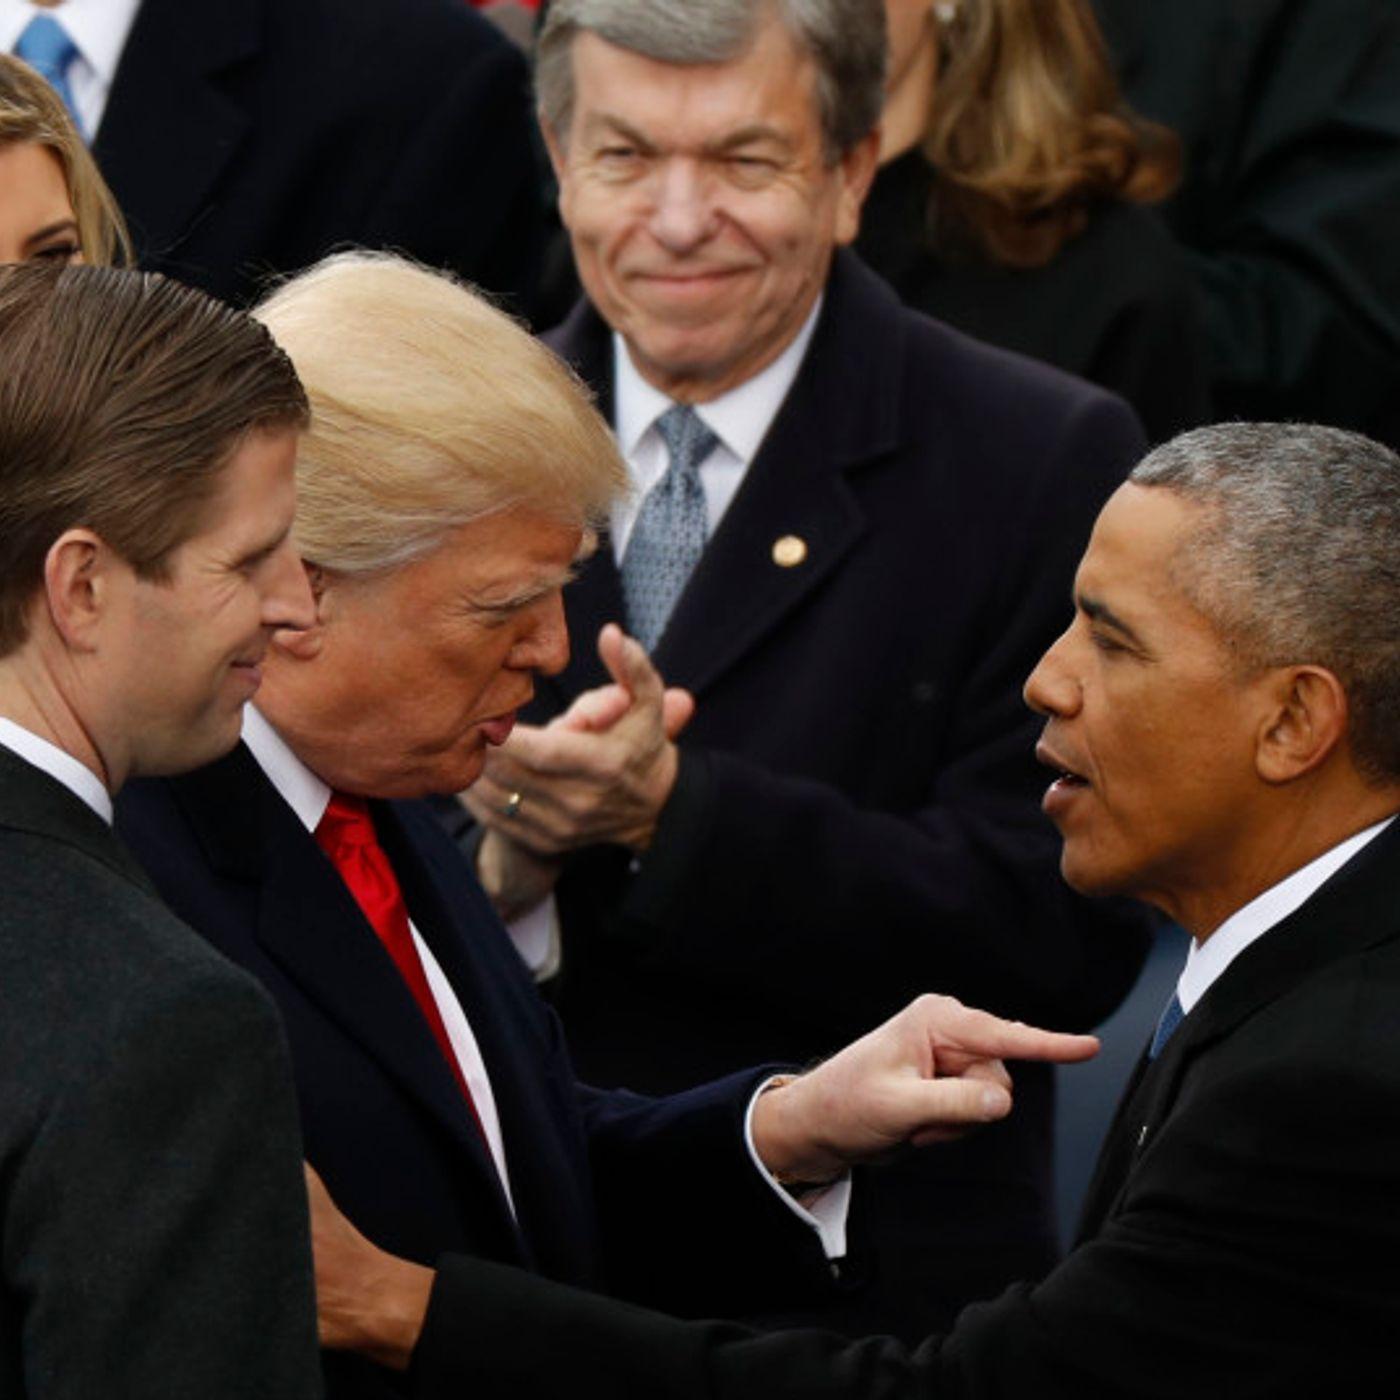 Biden Obama America's Unfortunate Legacy